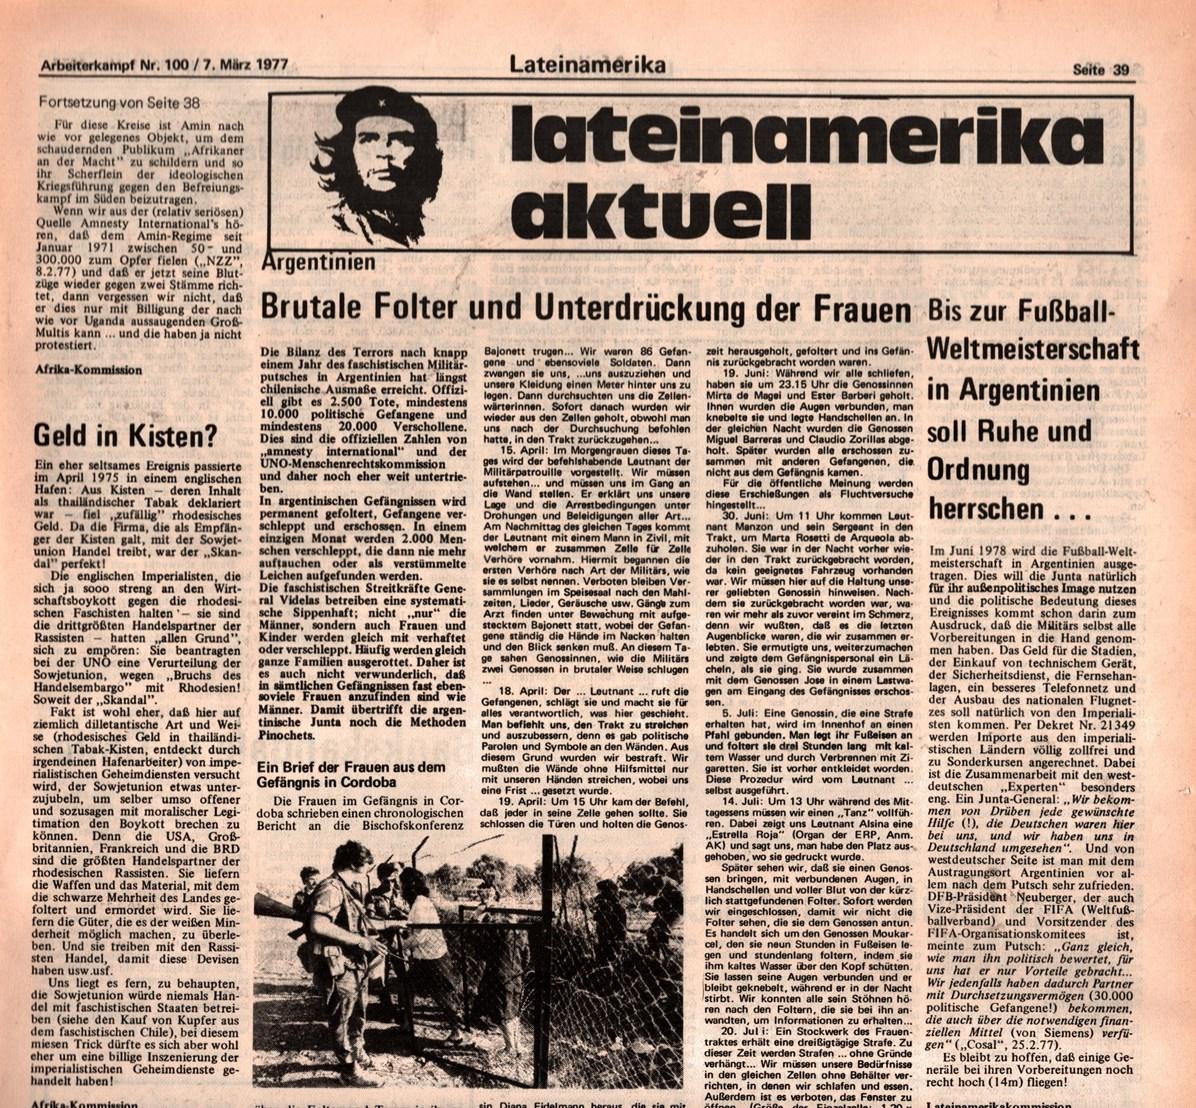 KB_AK_1977_100_077